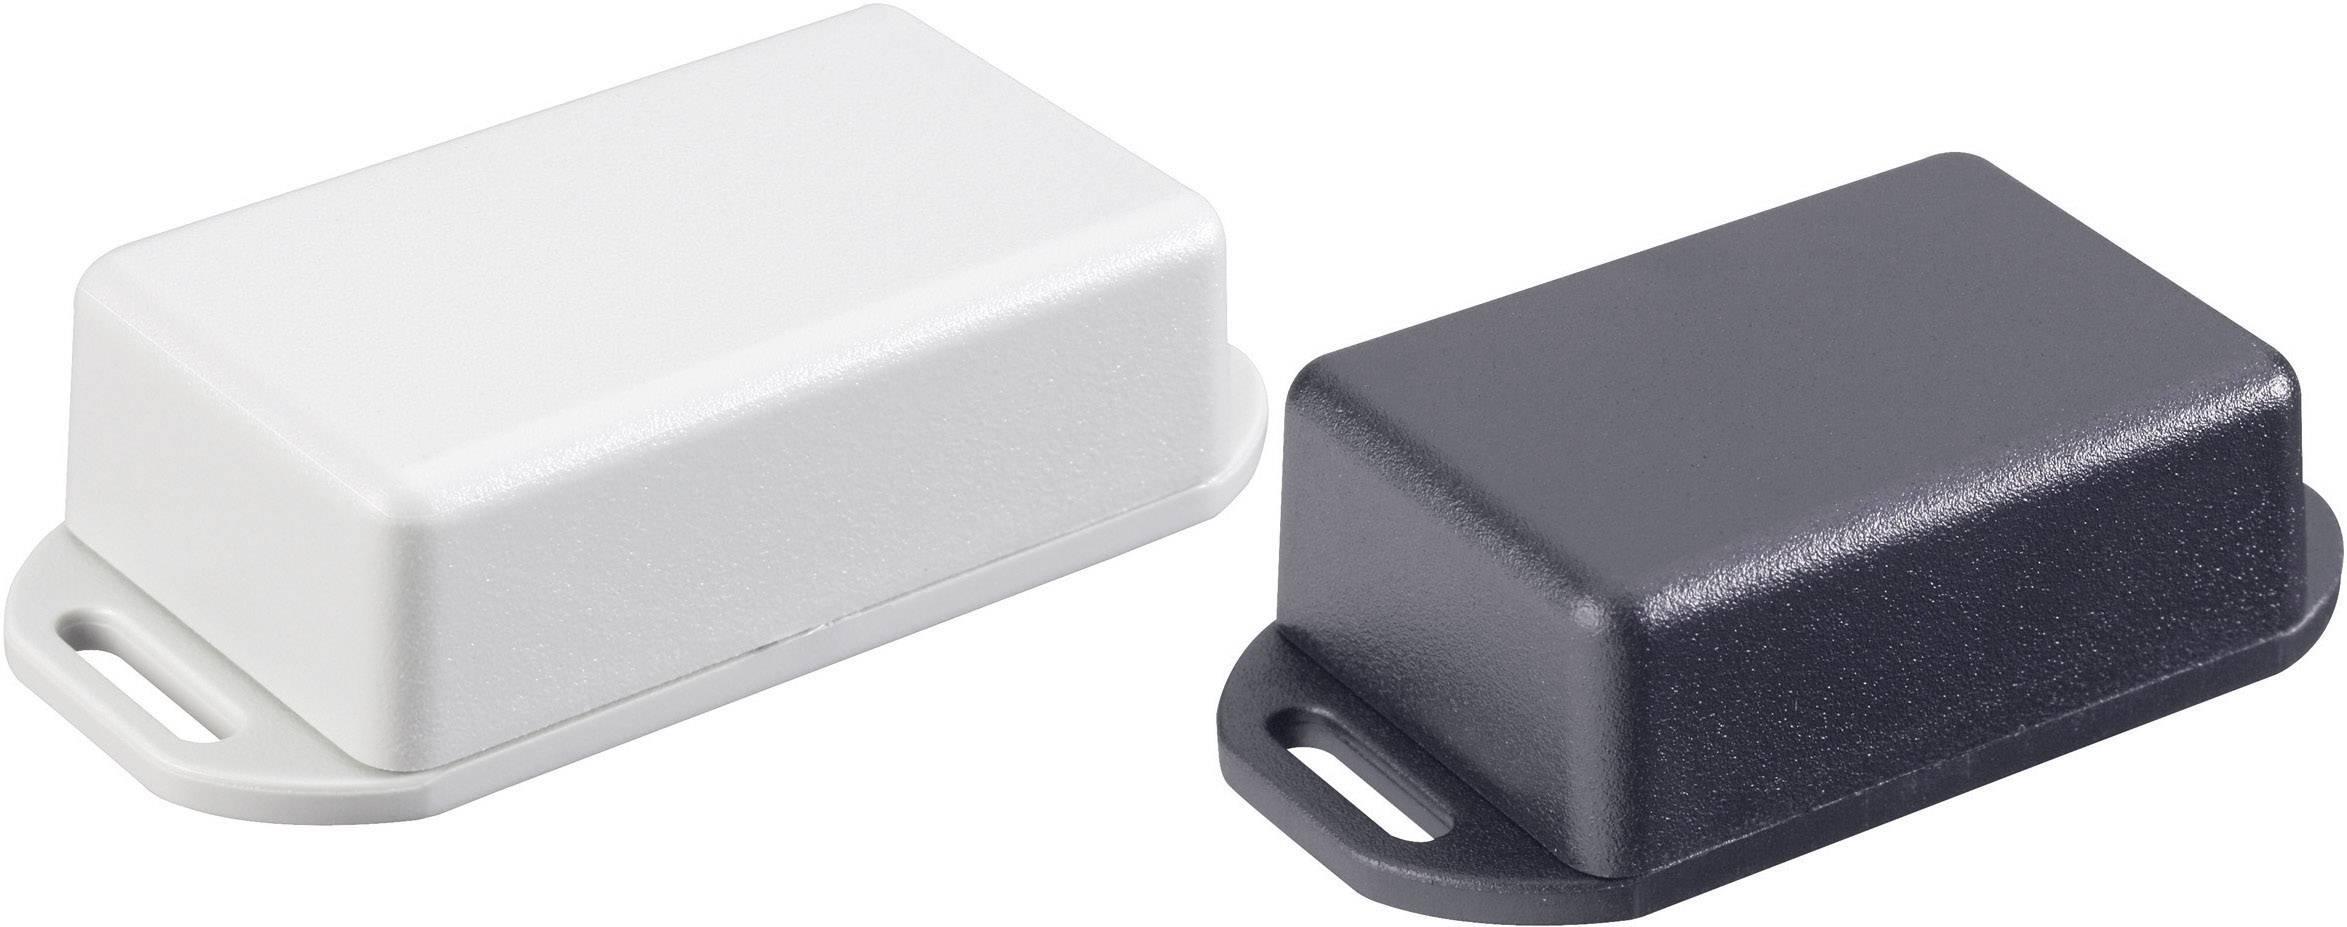 Euro krabice Hammond Electronics 1551NFLBK 1551NFLBK, 35 x 35 x 15 , ABS, čierna, 1 ks